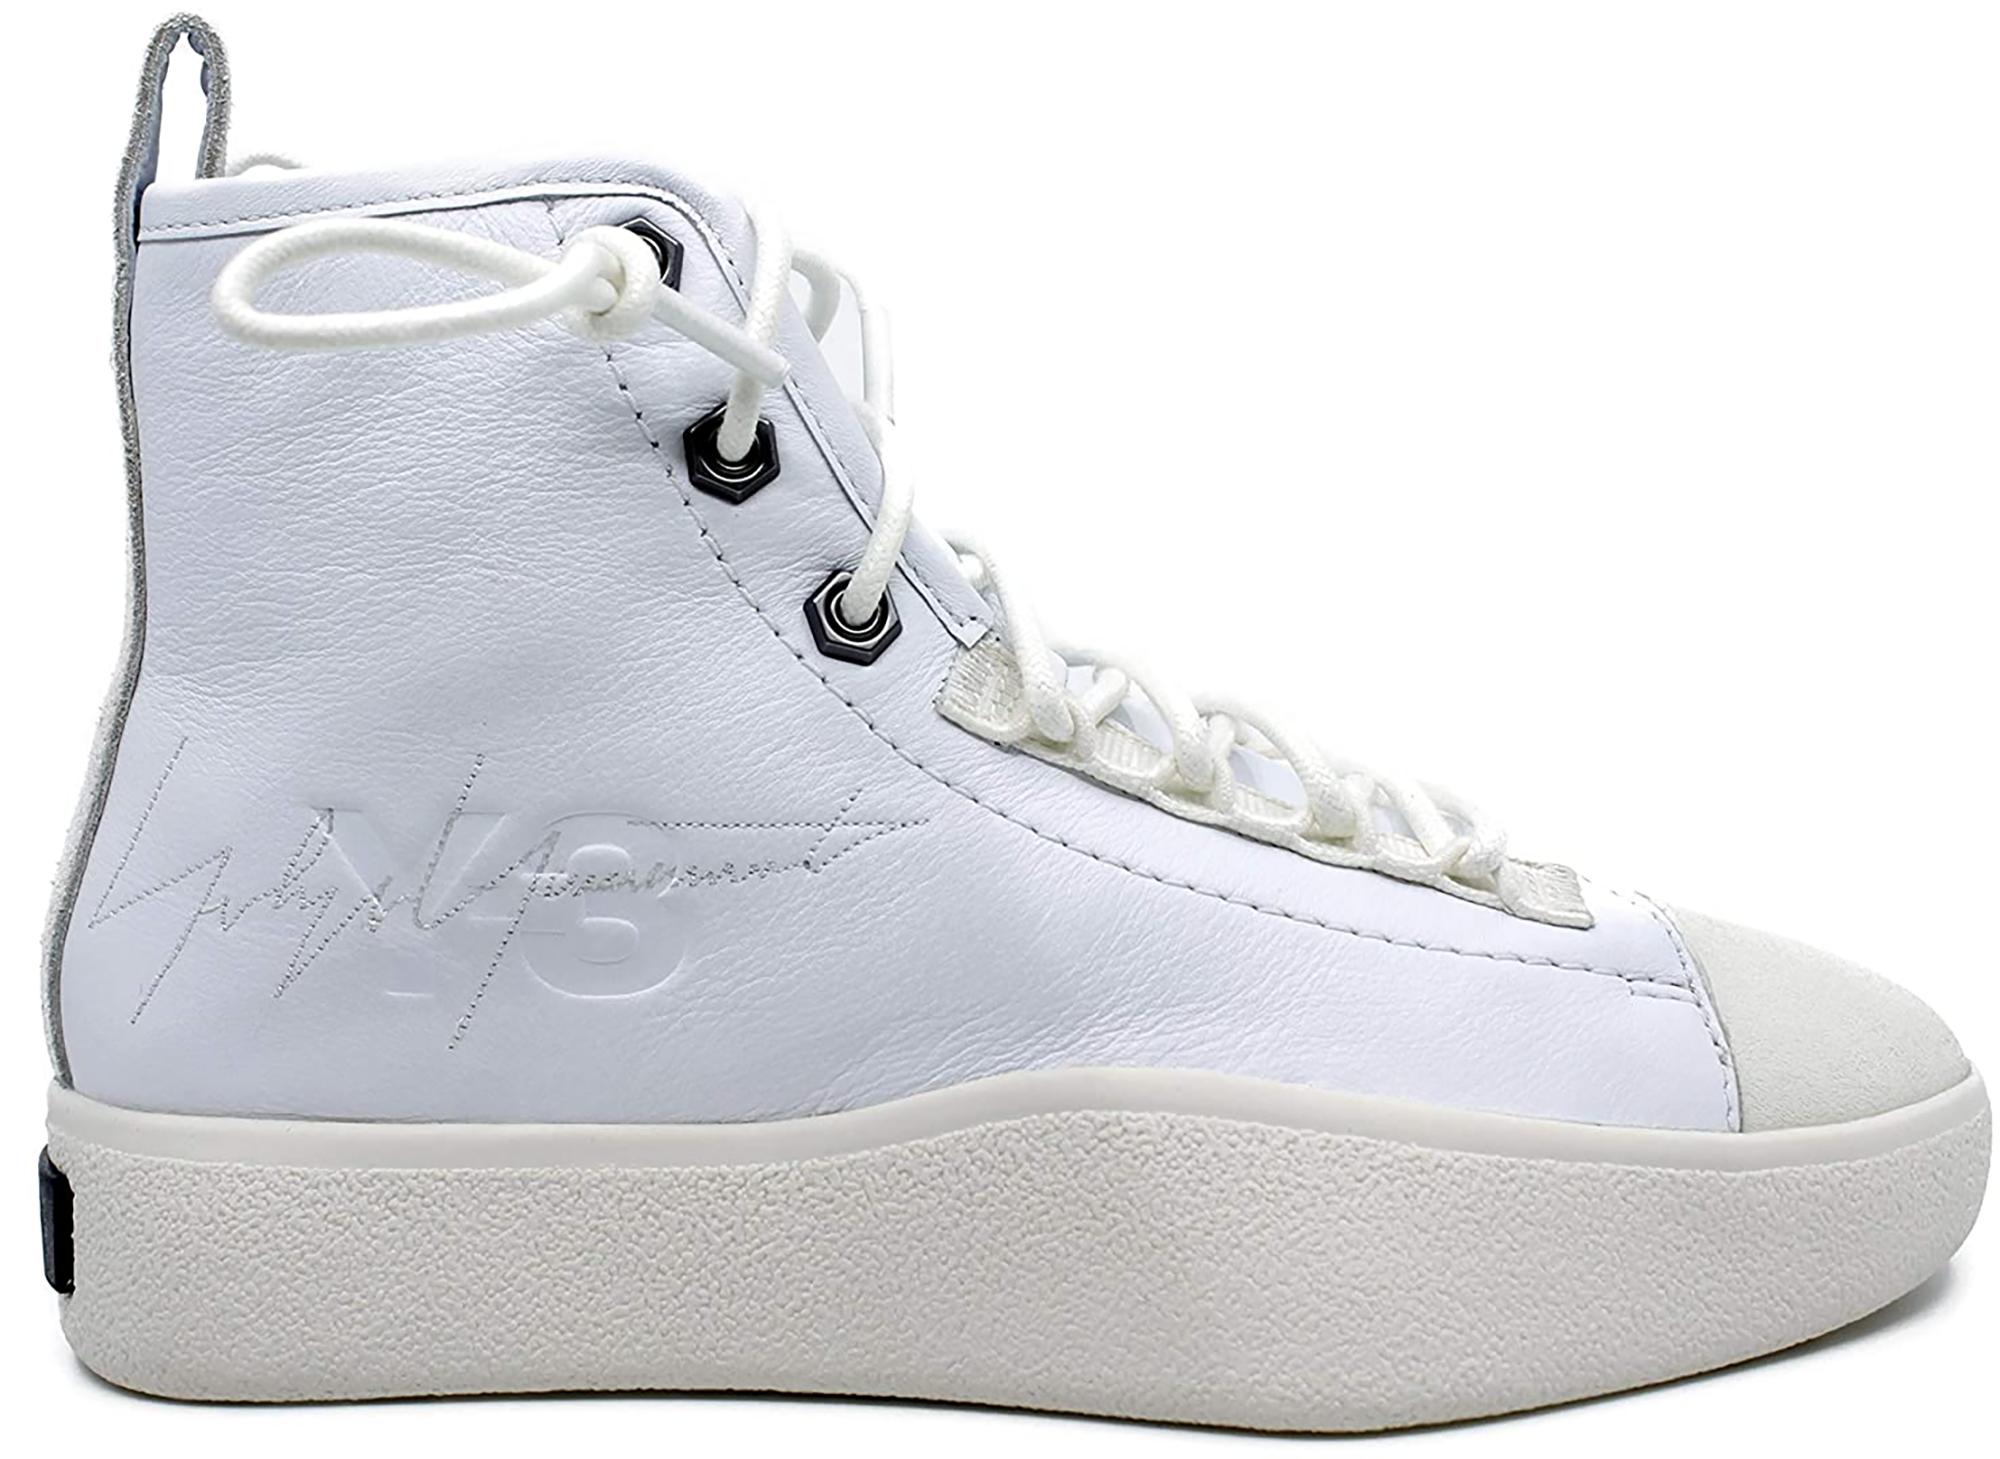 adidas Y-3 Bashyo II White - BC0918